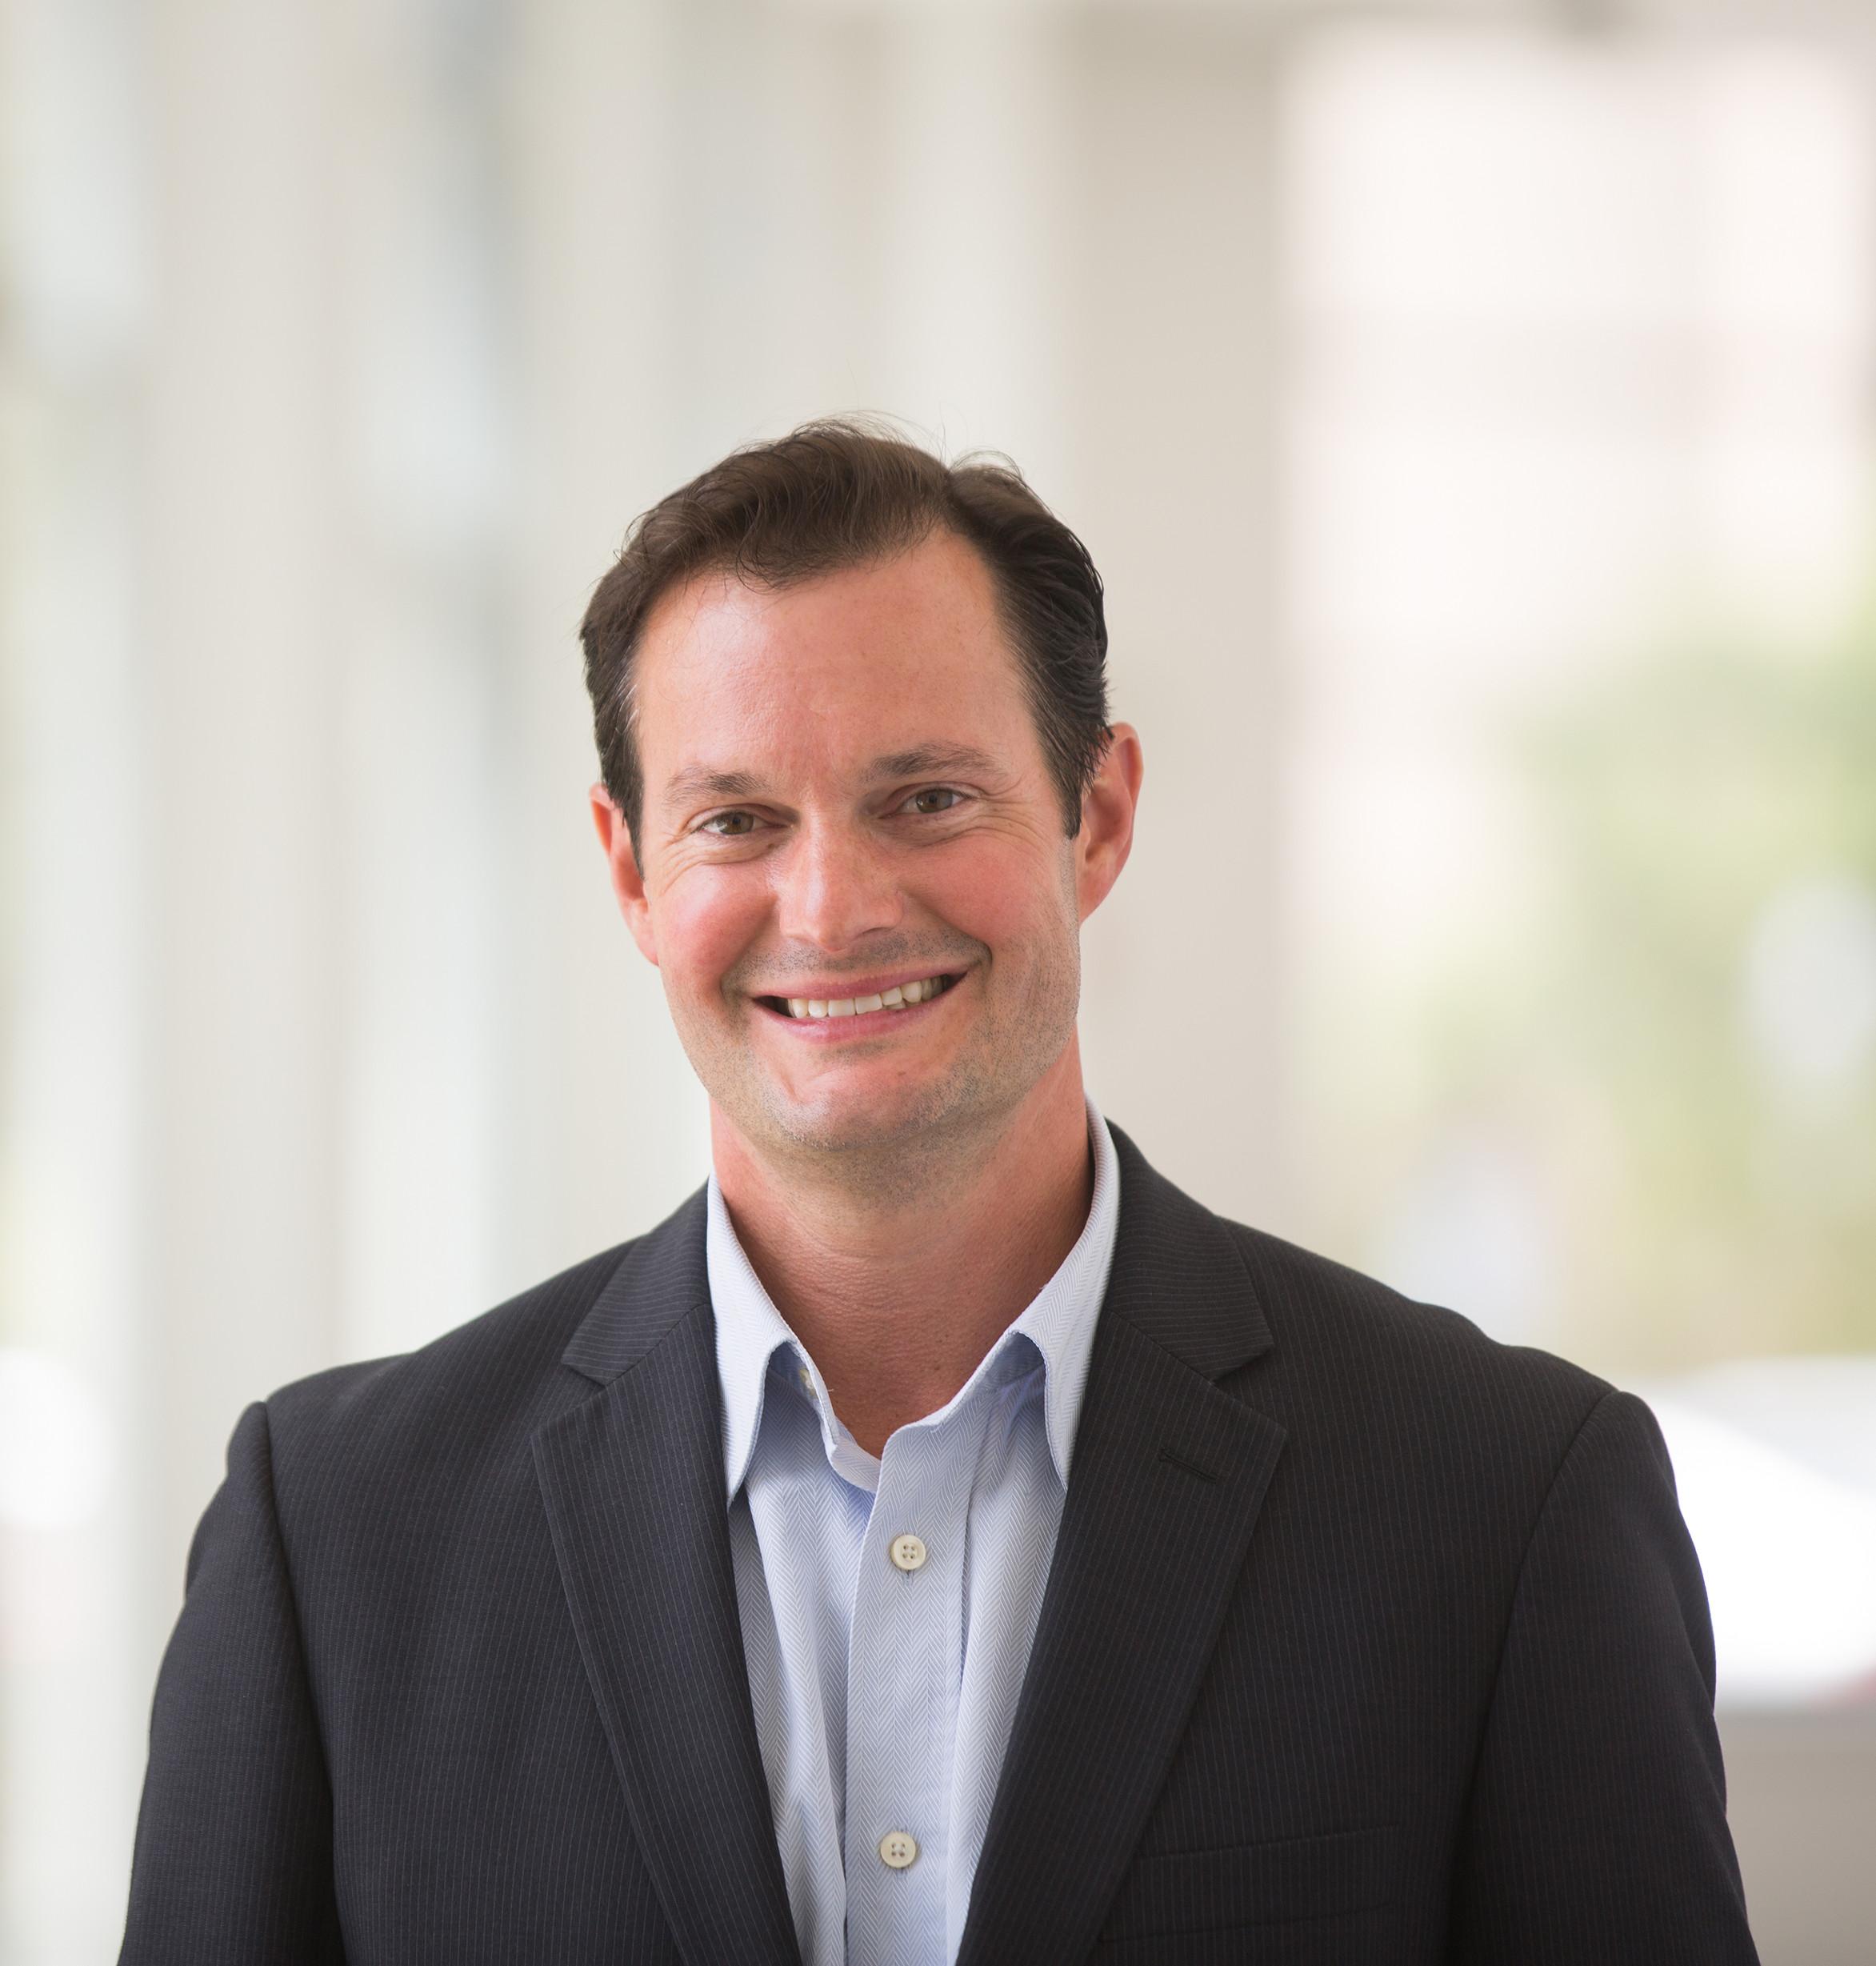 Craig Zamary, MBA